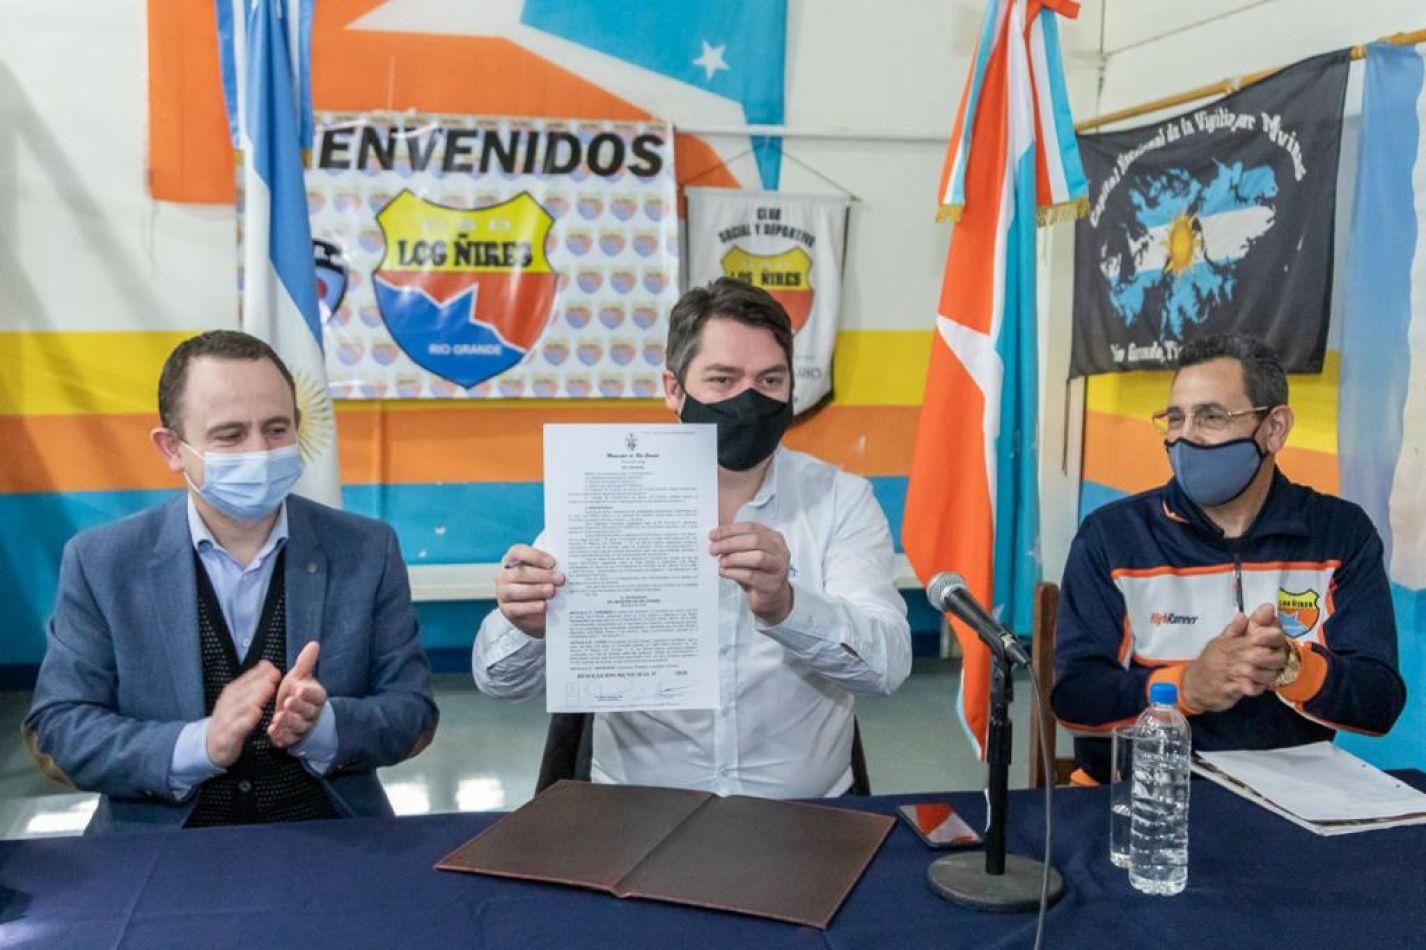 """El intendente Martín Perez encabezó la firma que establece la renovación del comodato del terreno al Club Social y Deportivo """"Los Ñires""""."""